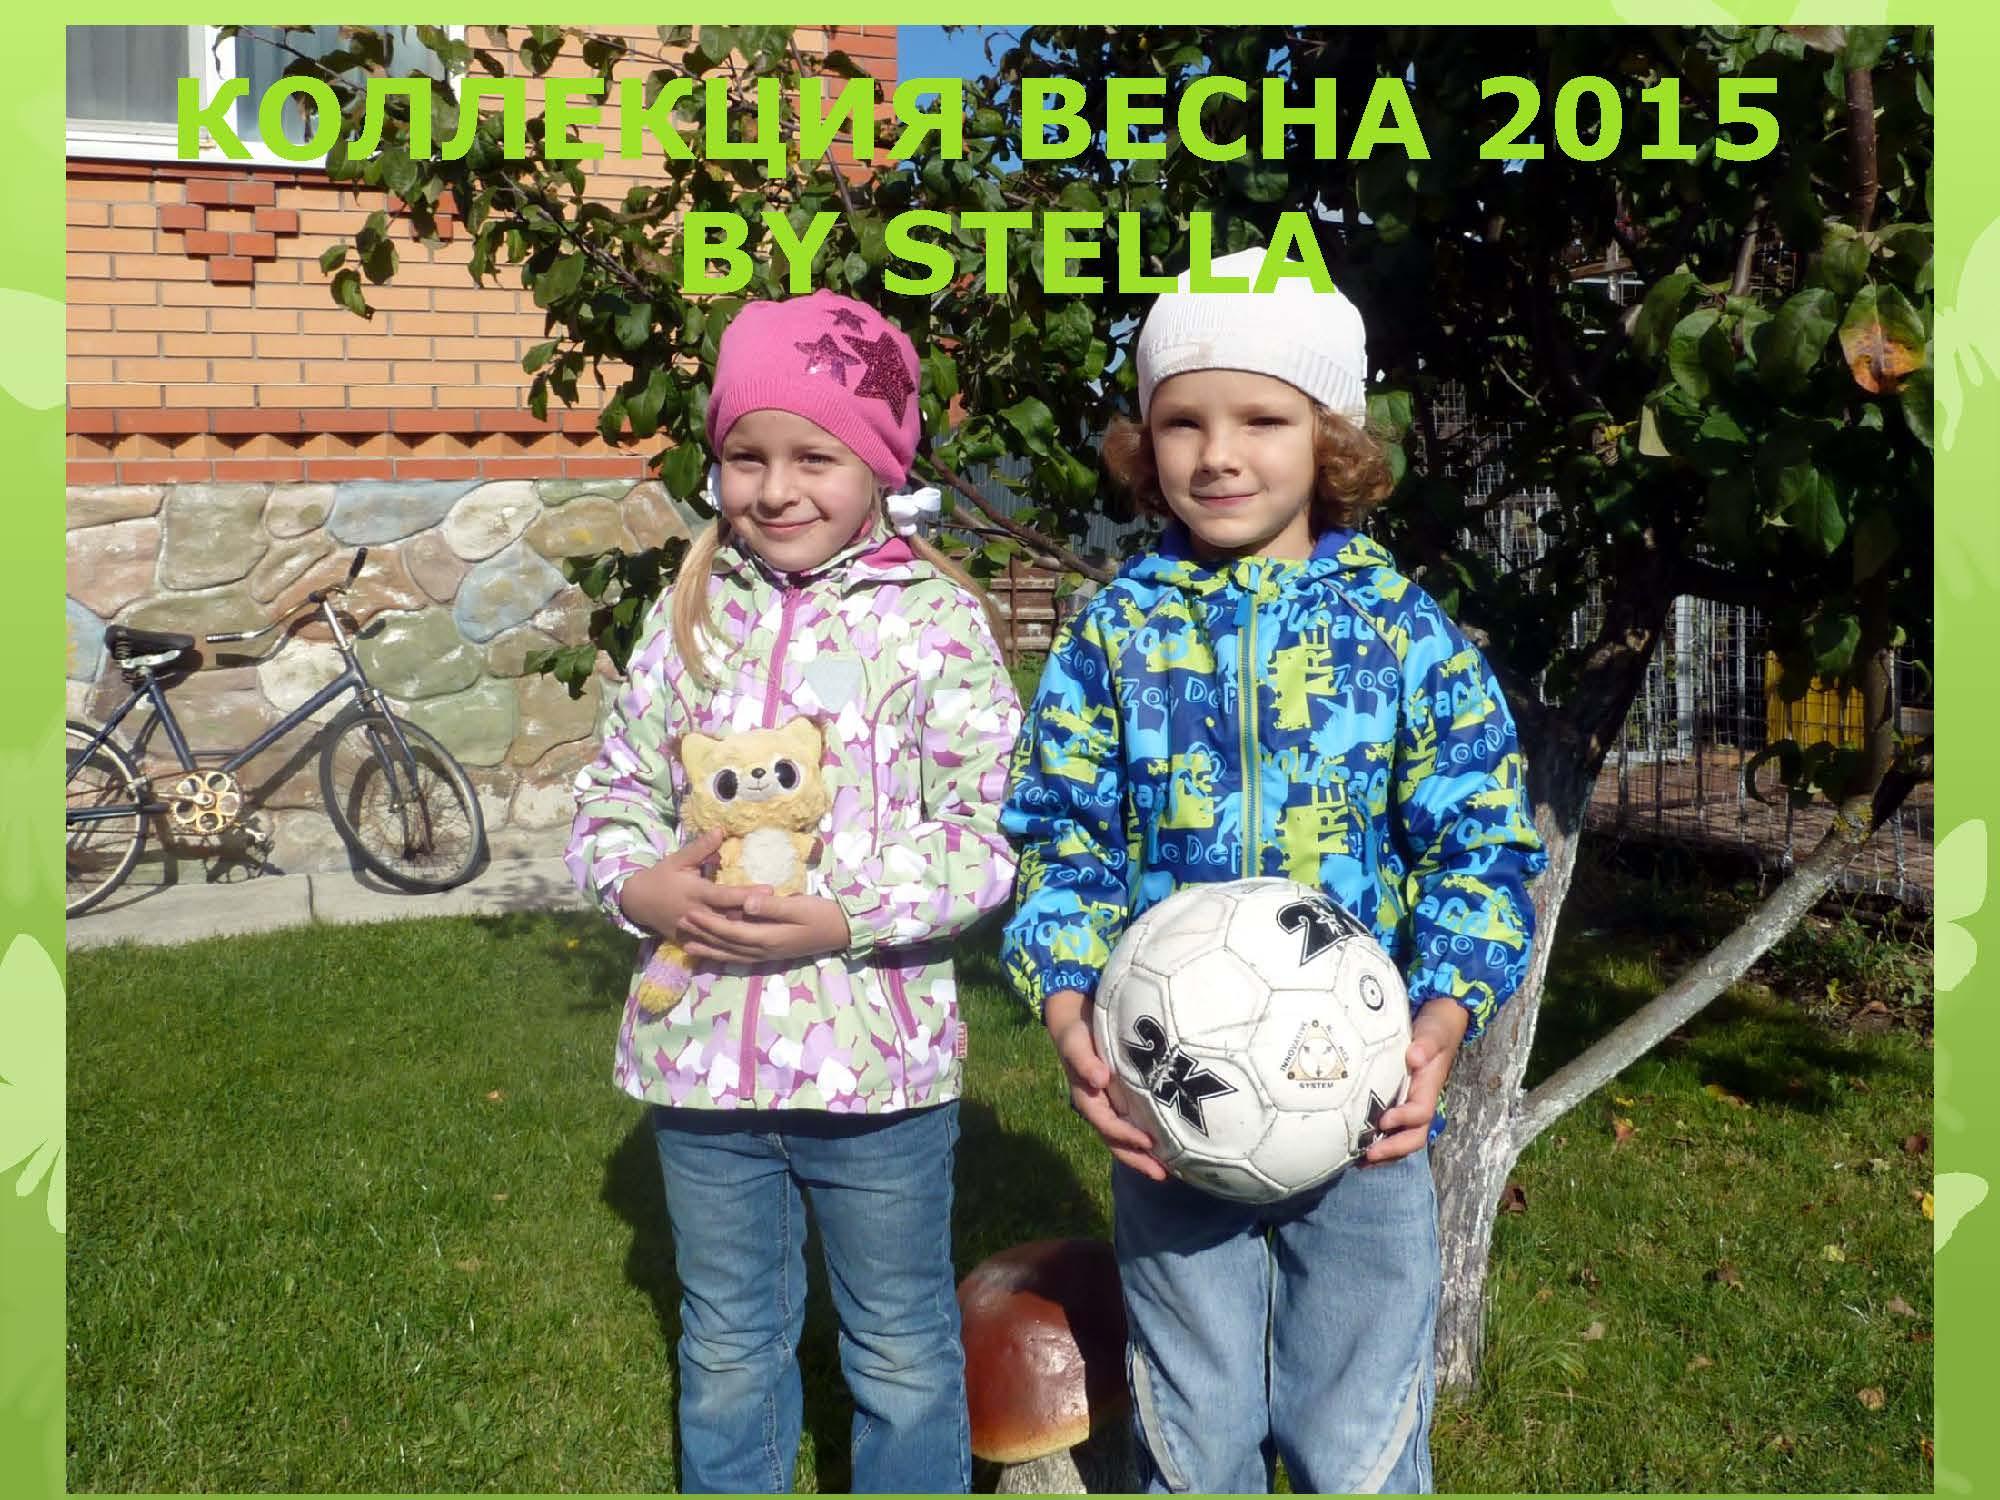 Сбор заказов.Мембранная одежда Стелла для детей и подростков от 0 до 12 лет.Новая весенняя коллекция.Комплекты по 1,600 руб.Галерея.